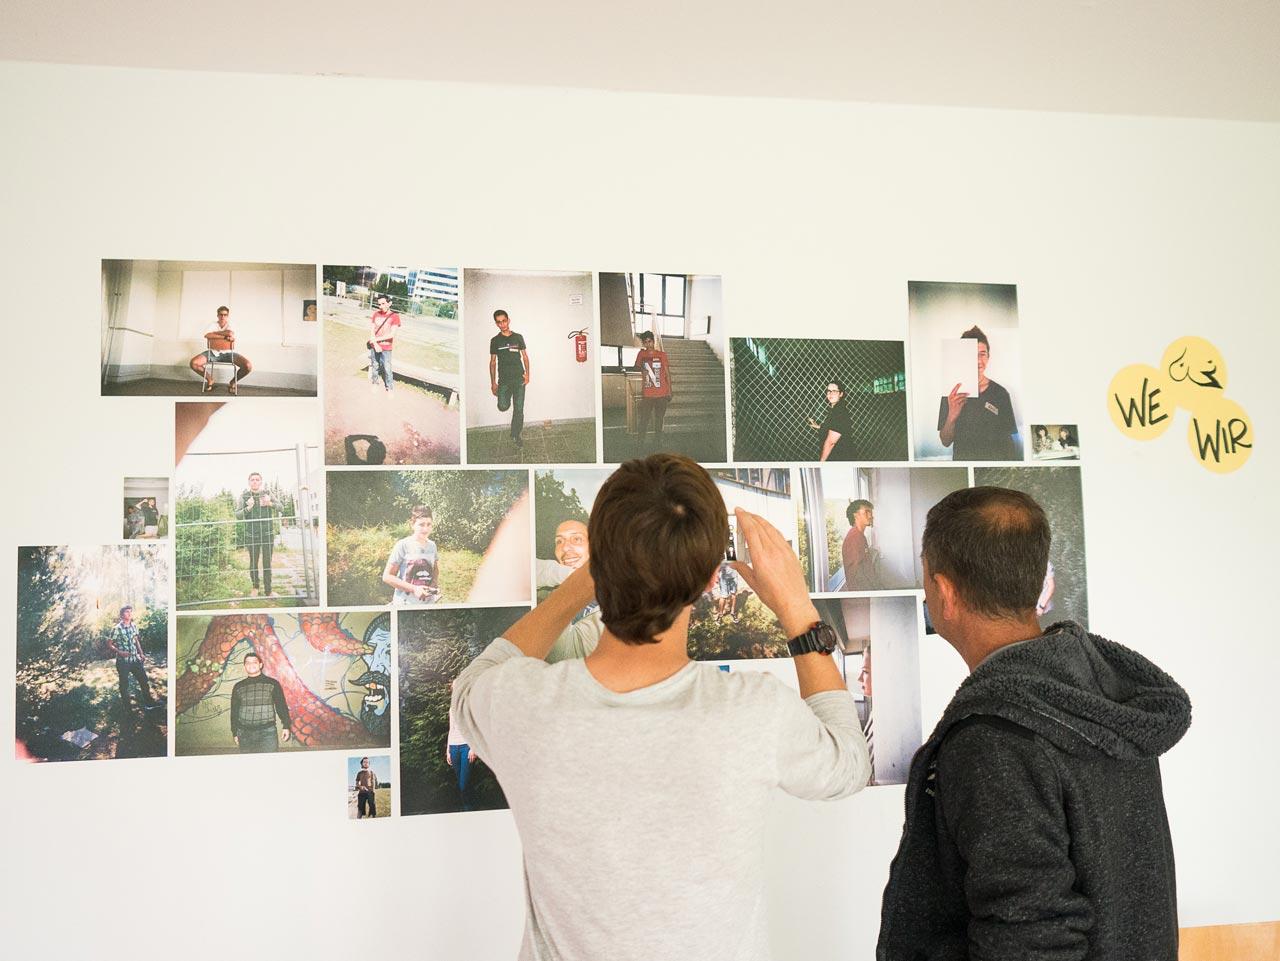 Die Ergebnisse des Workshops werden in einer Ausstellung in der Erstanlaufstelle in Suhl gezeigt. Foto: Nora Klein